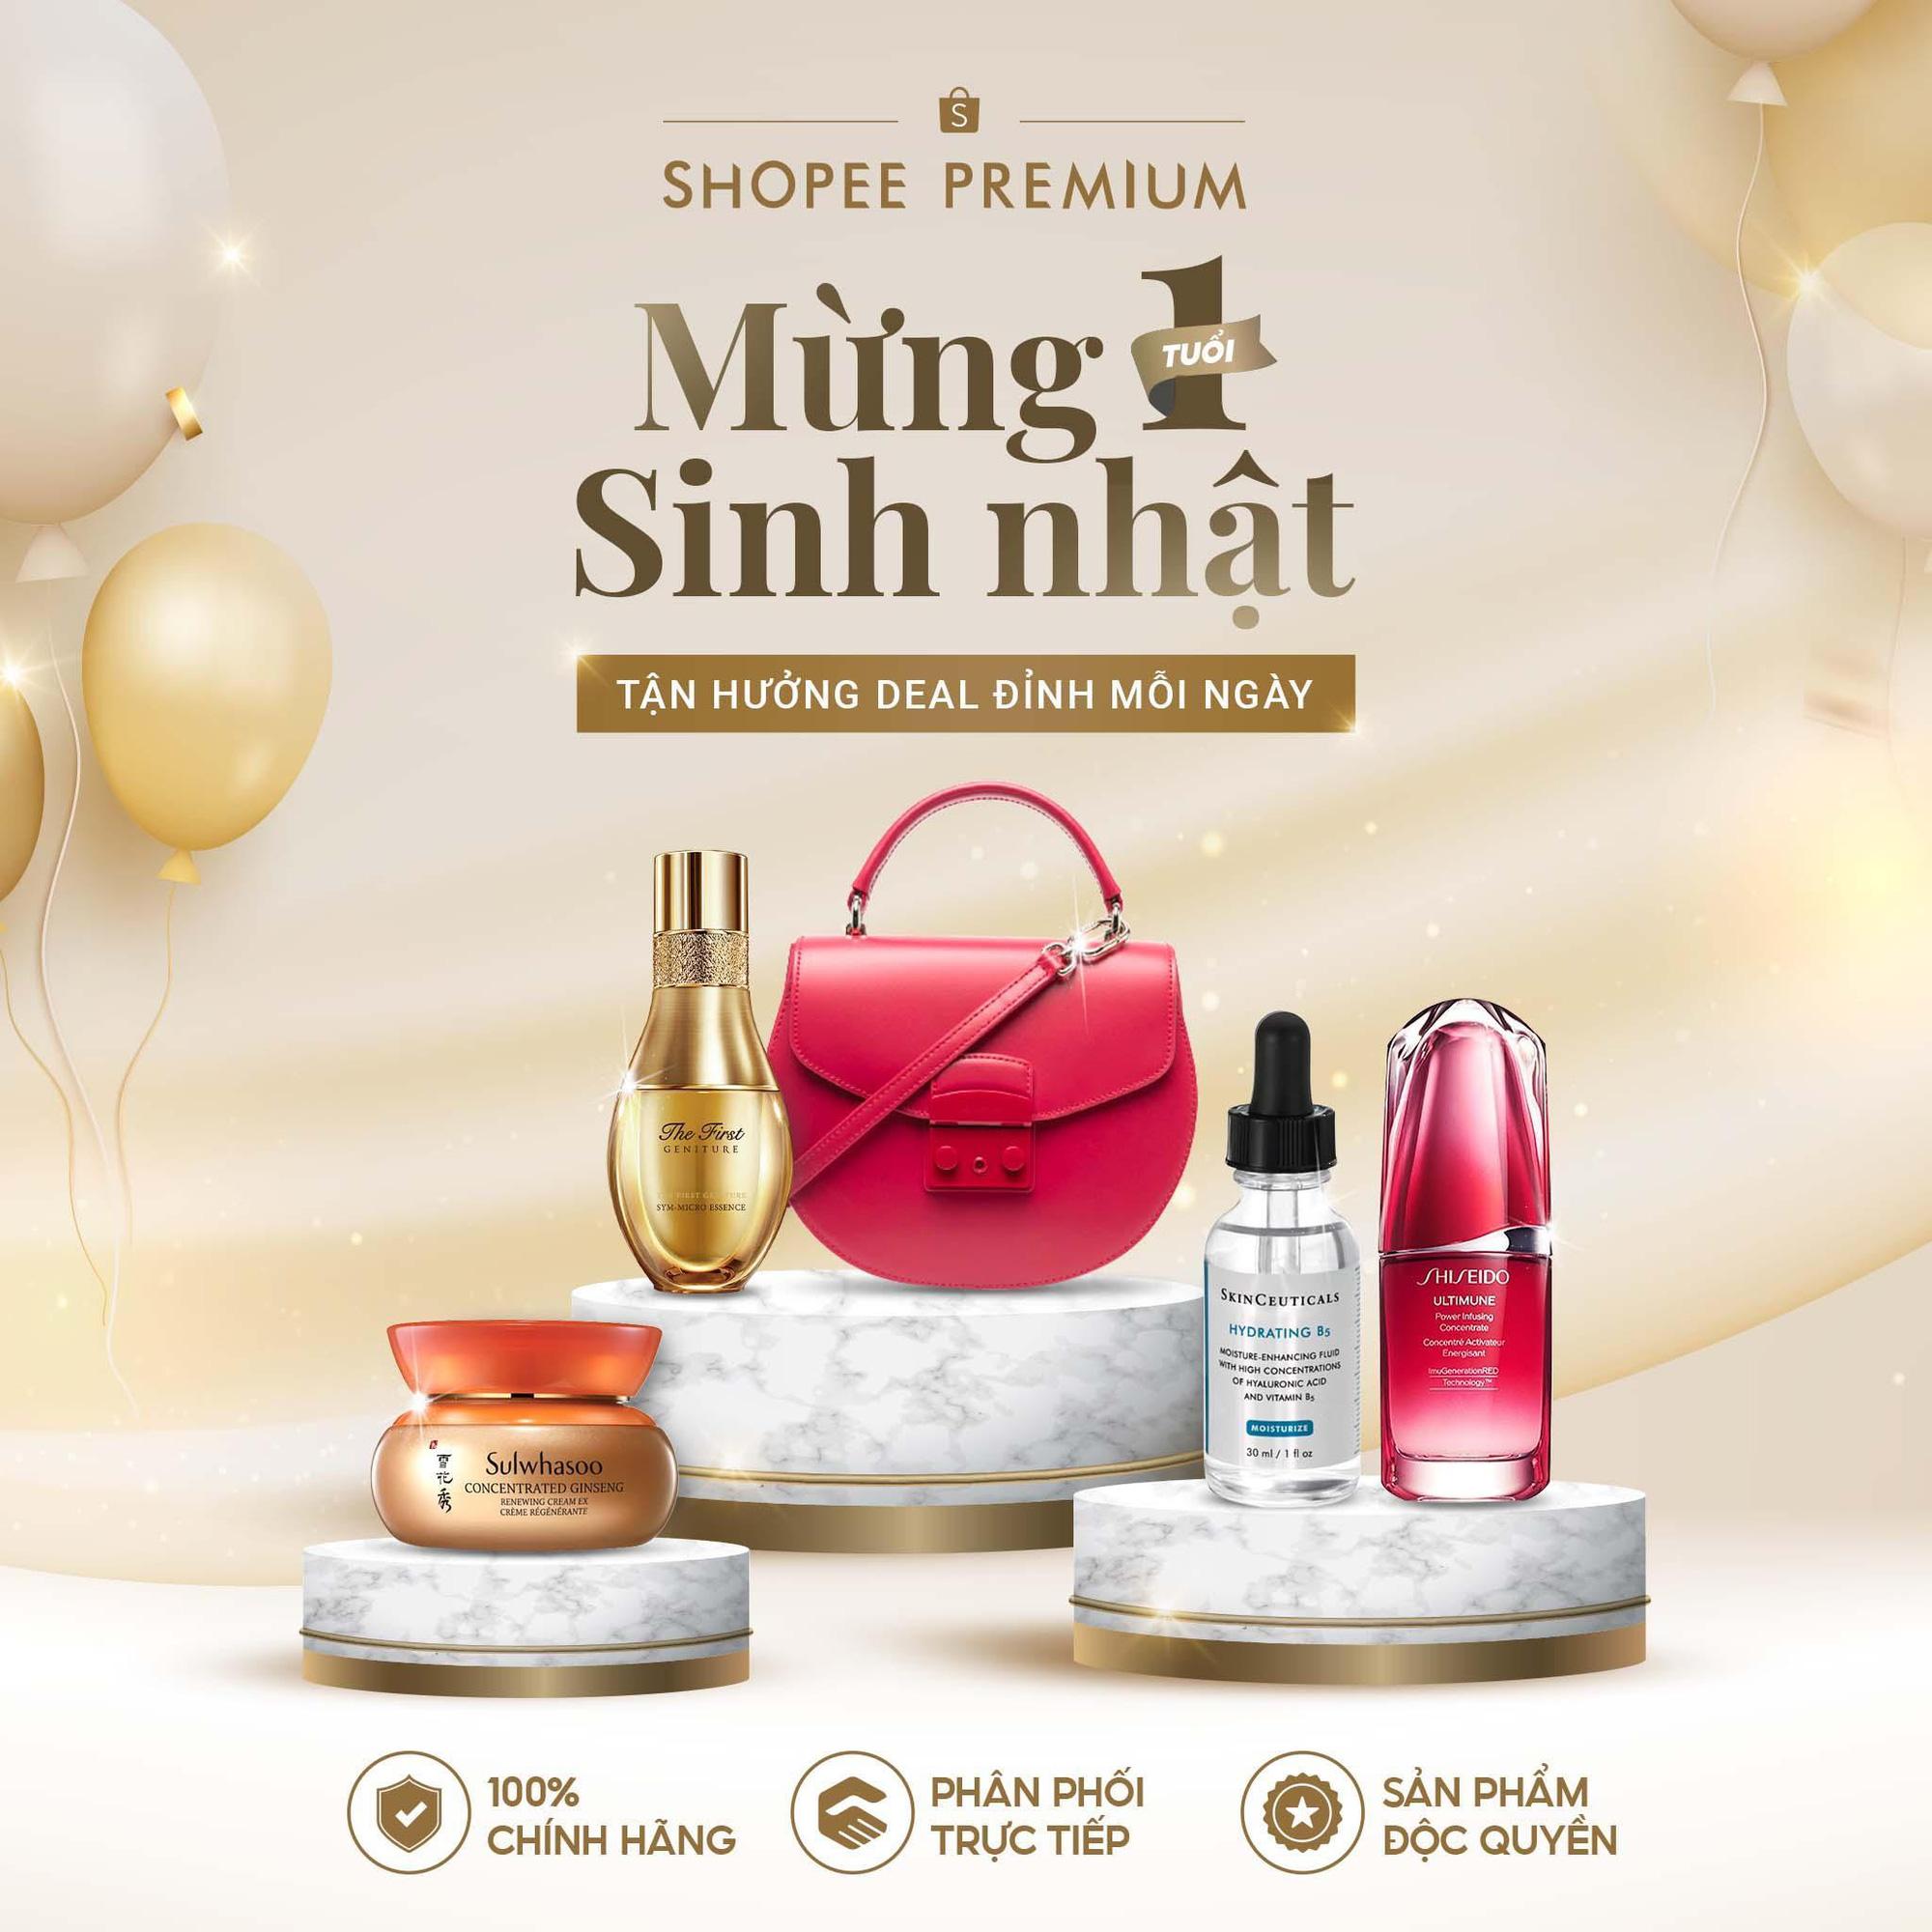 Shopee Premium mừng sinh nhật 1 tuổi với chuỗi quà tặng lớn nhất từ trước đến nay - Ảnh 1.